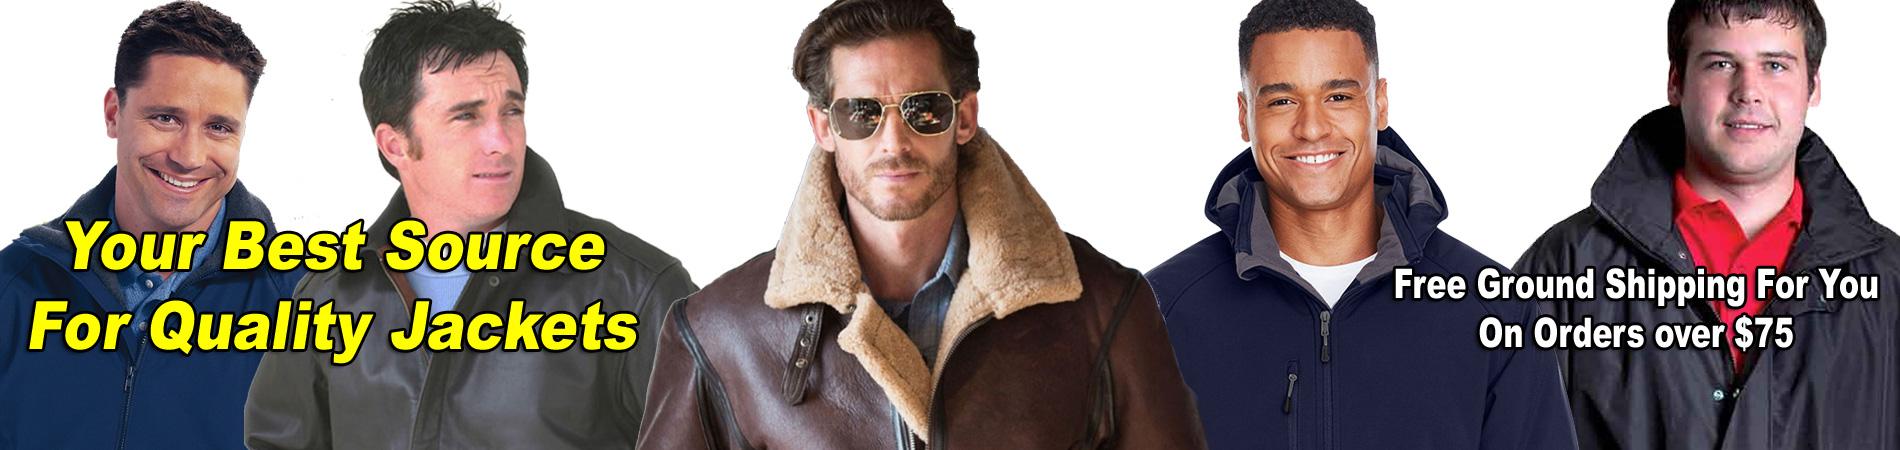 Leather Bomber Jacket, B3 Bomber Jacket, A2 Bomber Jacket, Duck Jacket, Nylon Bomber Jackets, Parkas, T-shirts, Polo shirts!